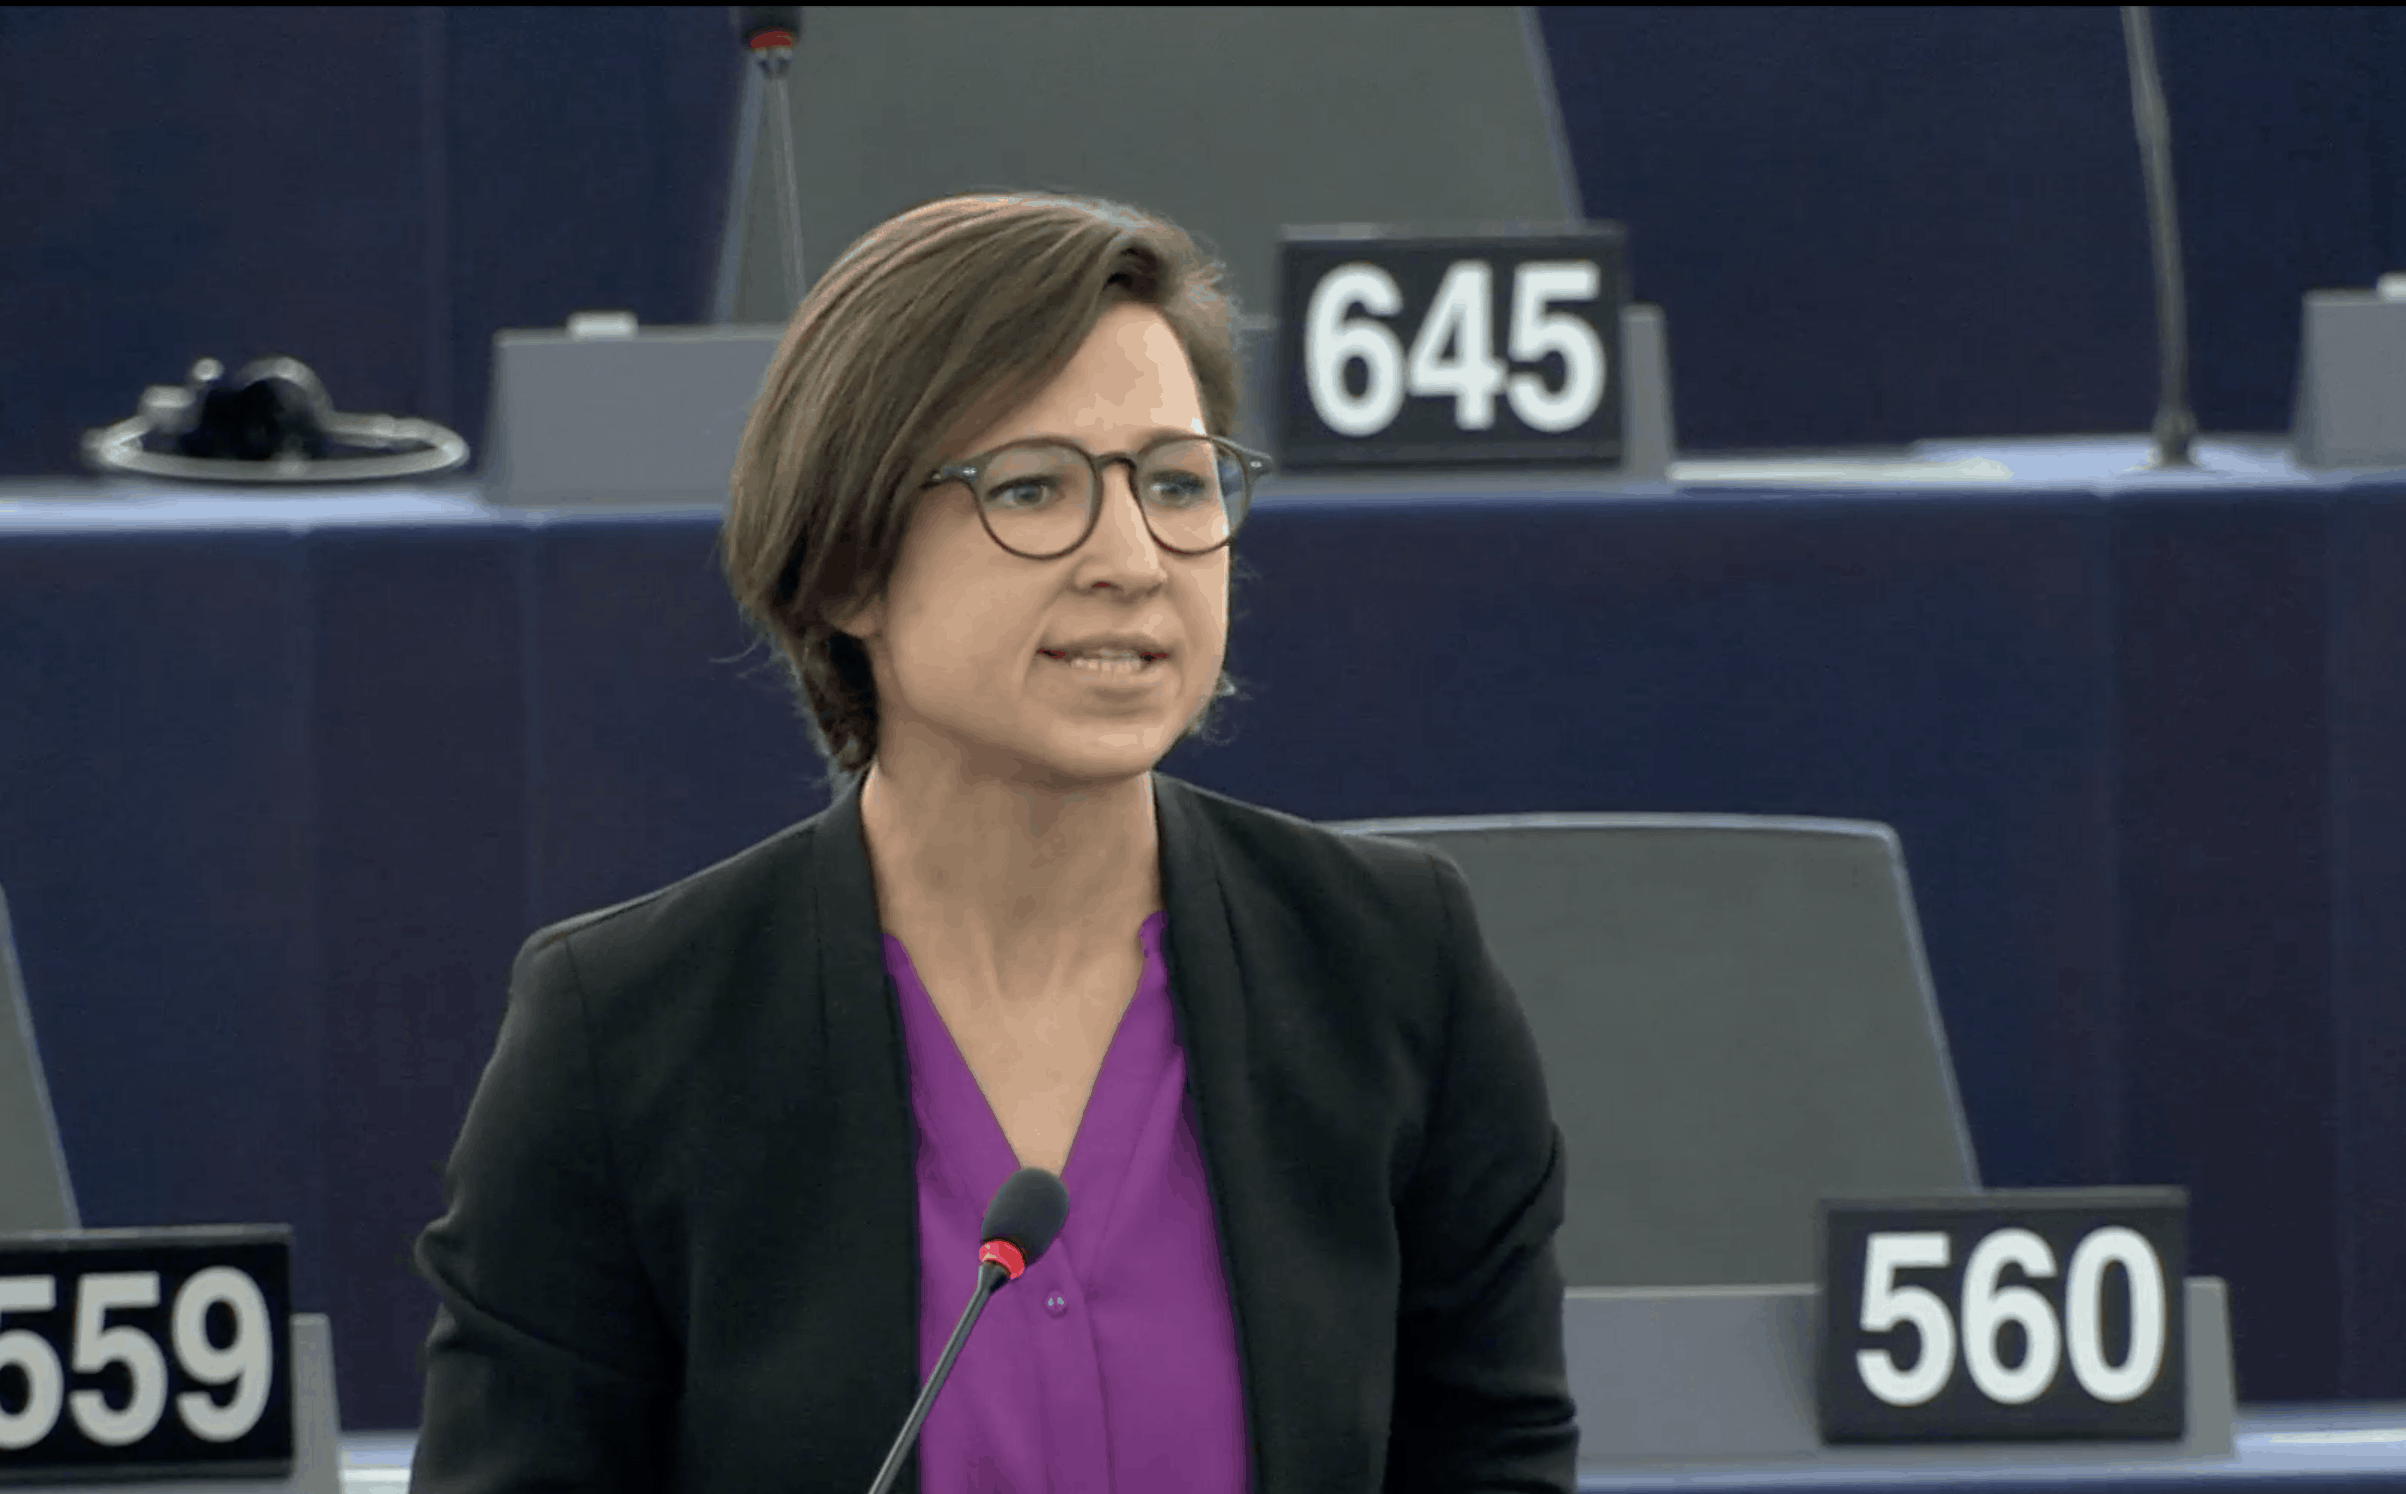 Hannah Neumann bei der Rede im Parlament